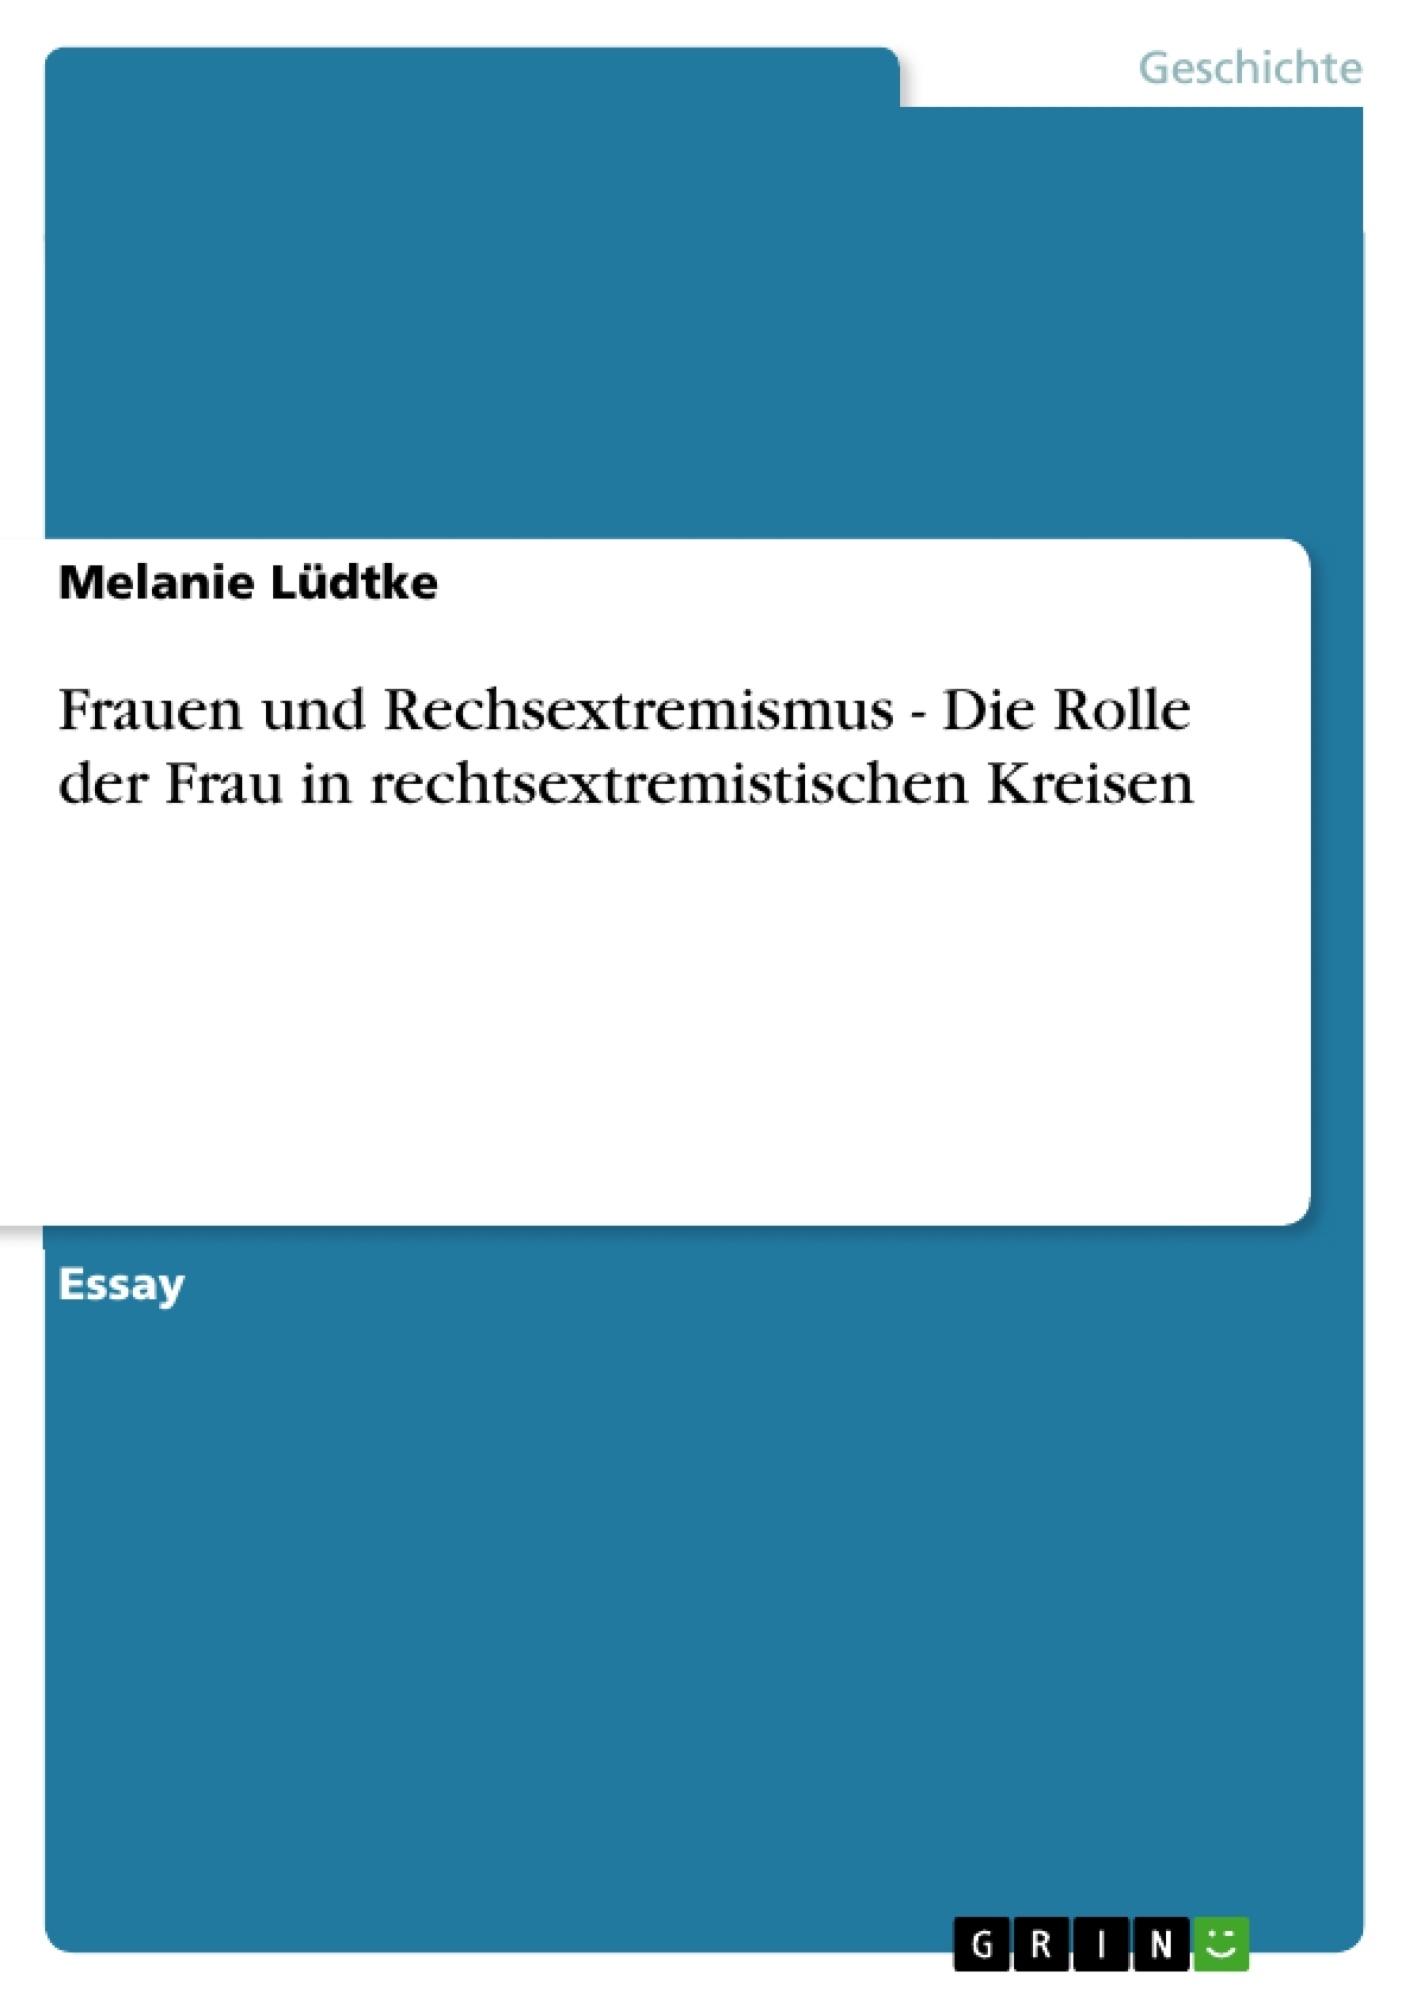 Titel: Frauen und Rechsextremismus - Die Rolle der Frau in rechtsextremistischen Kreisen